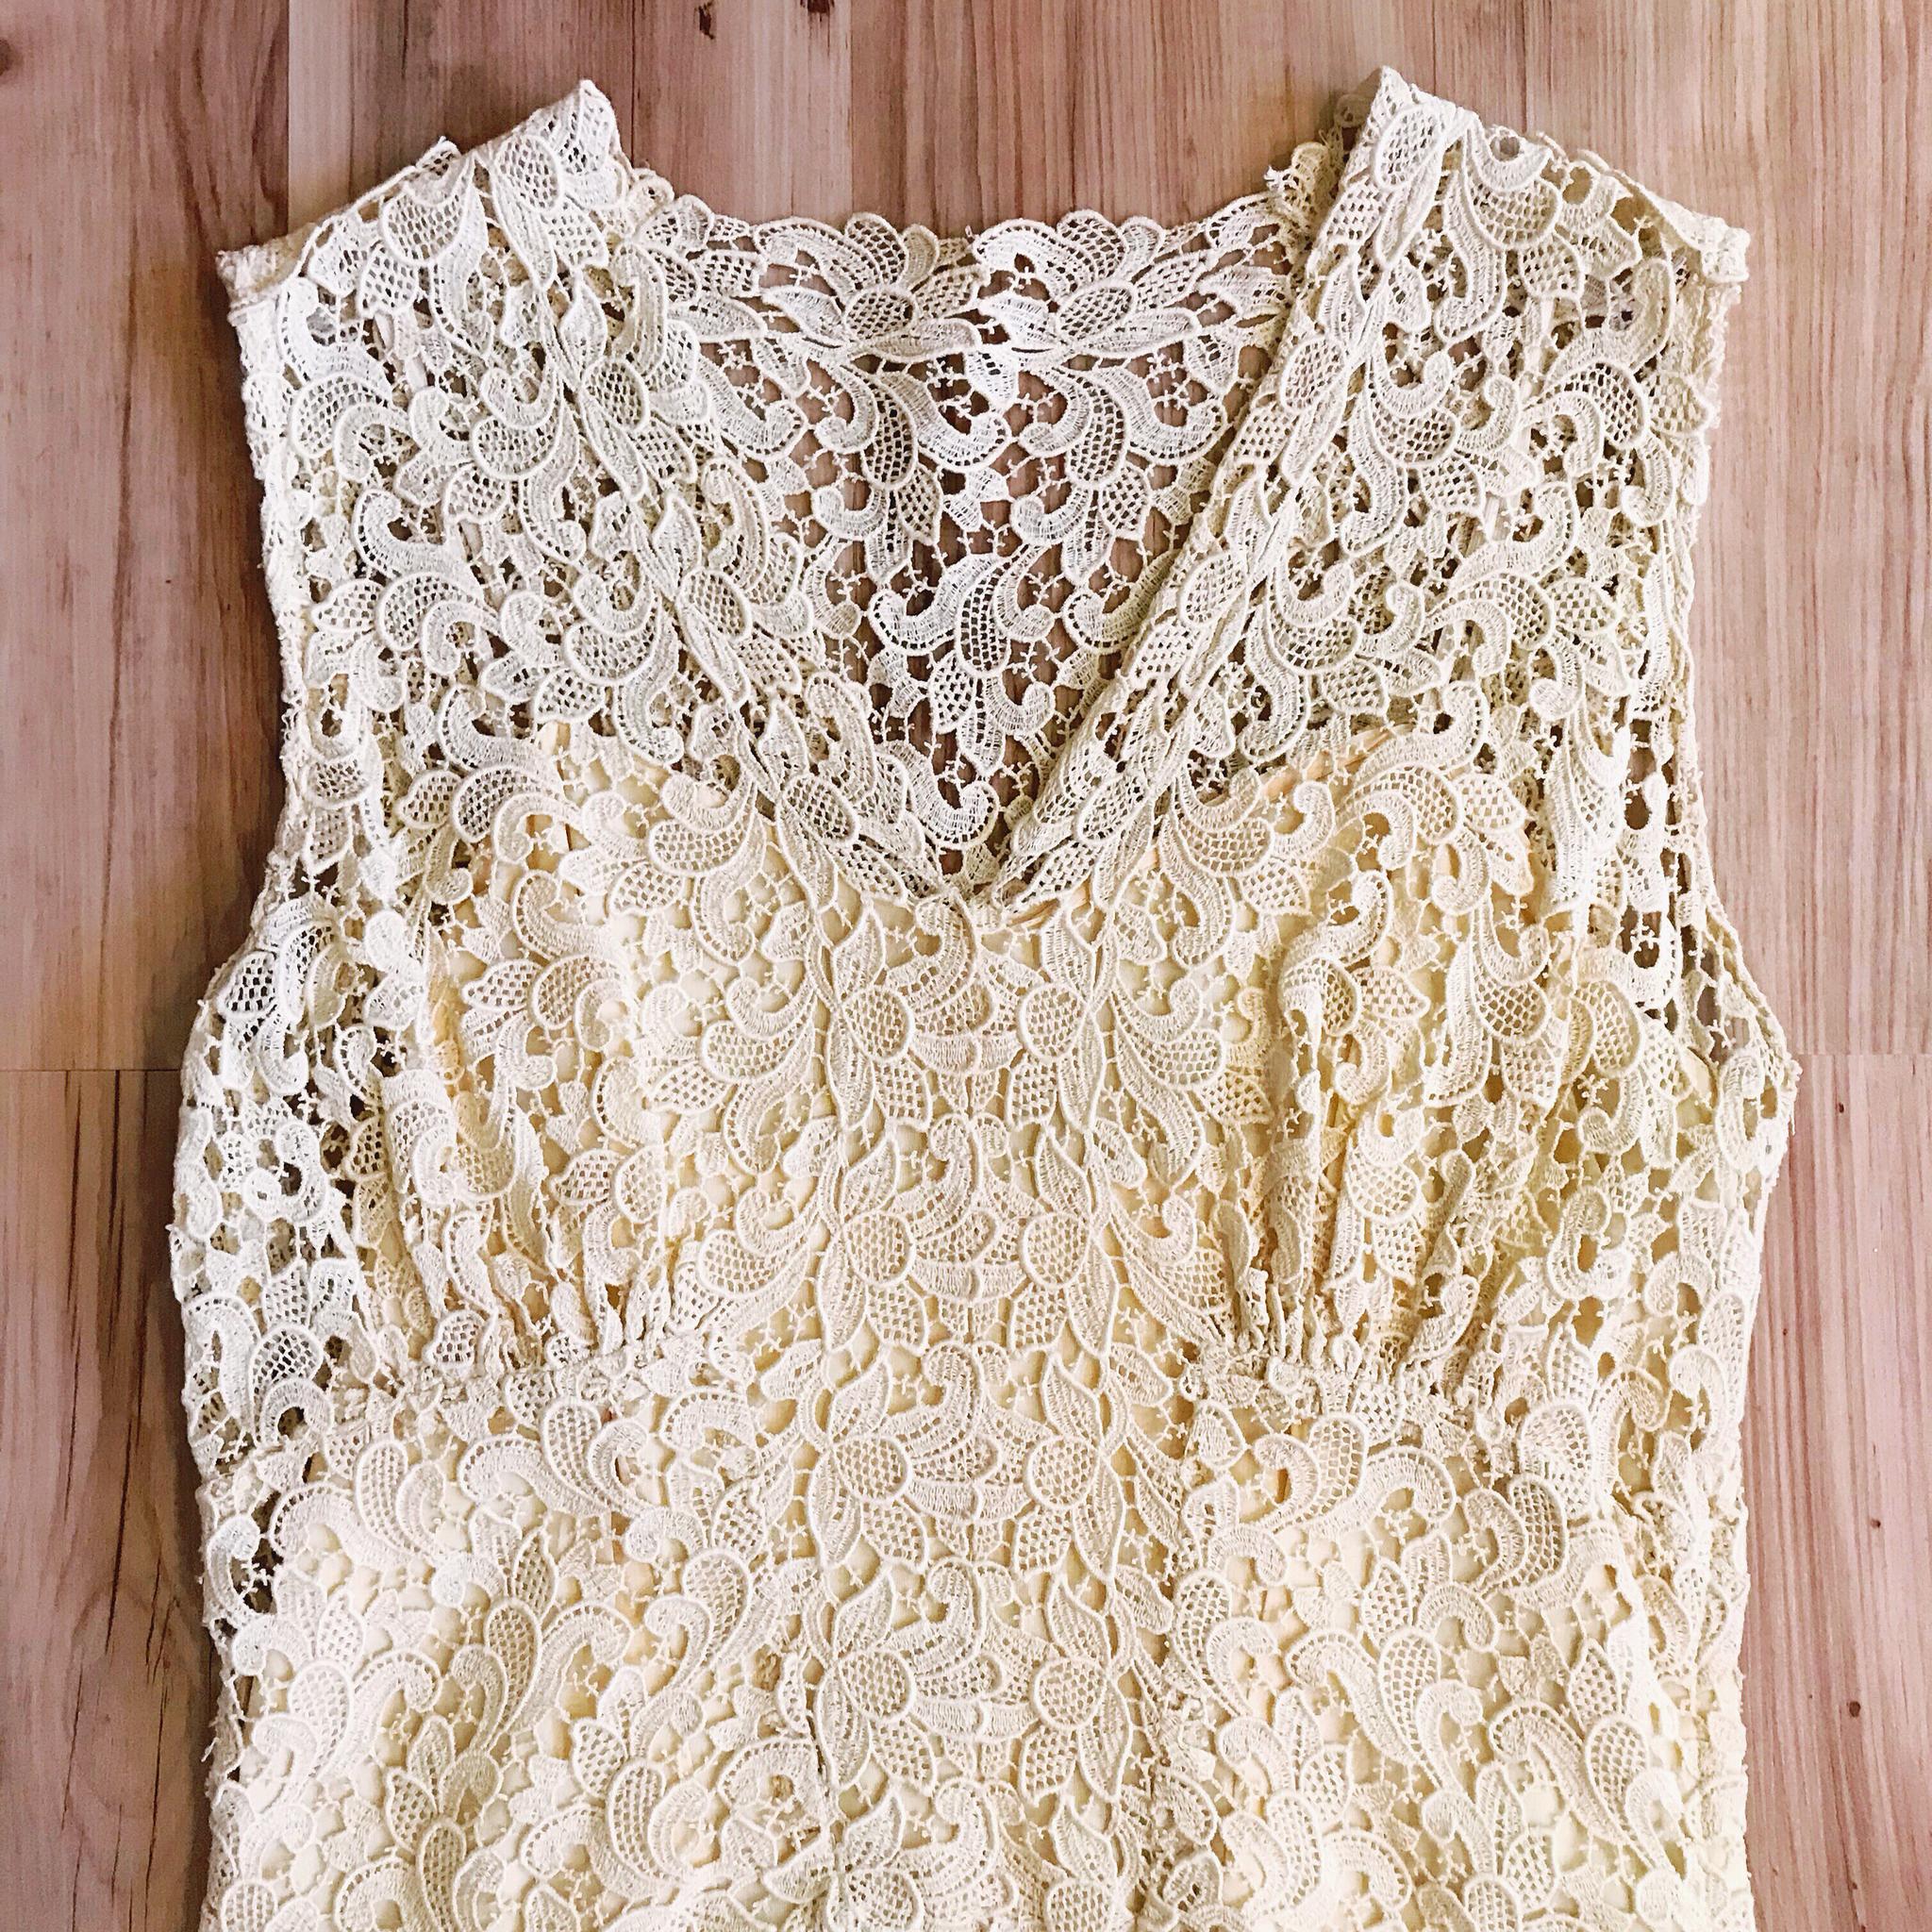 1940s Ivory Lace & Chiffon Dress